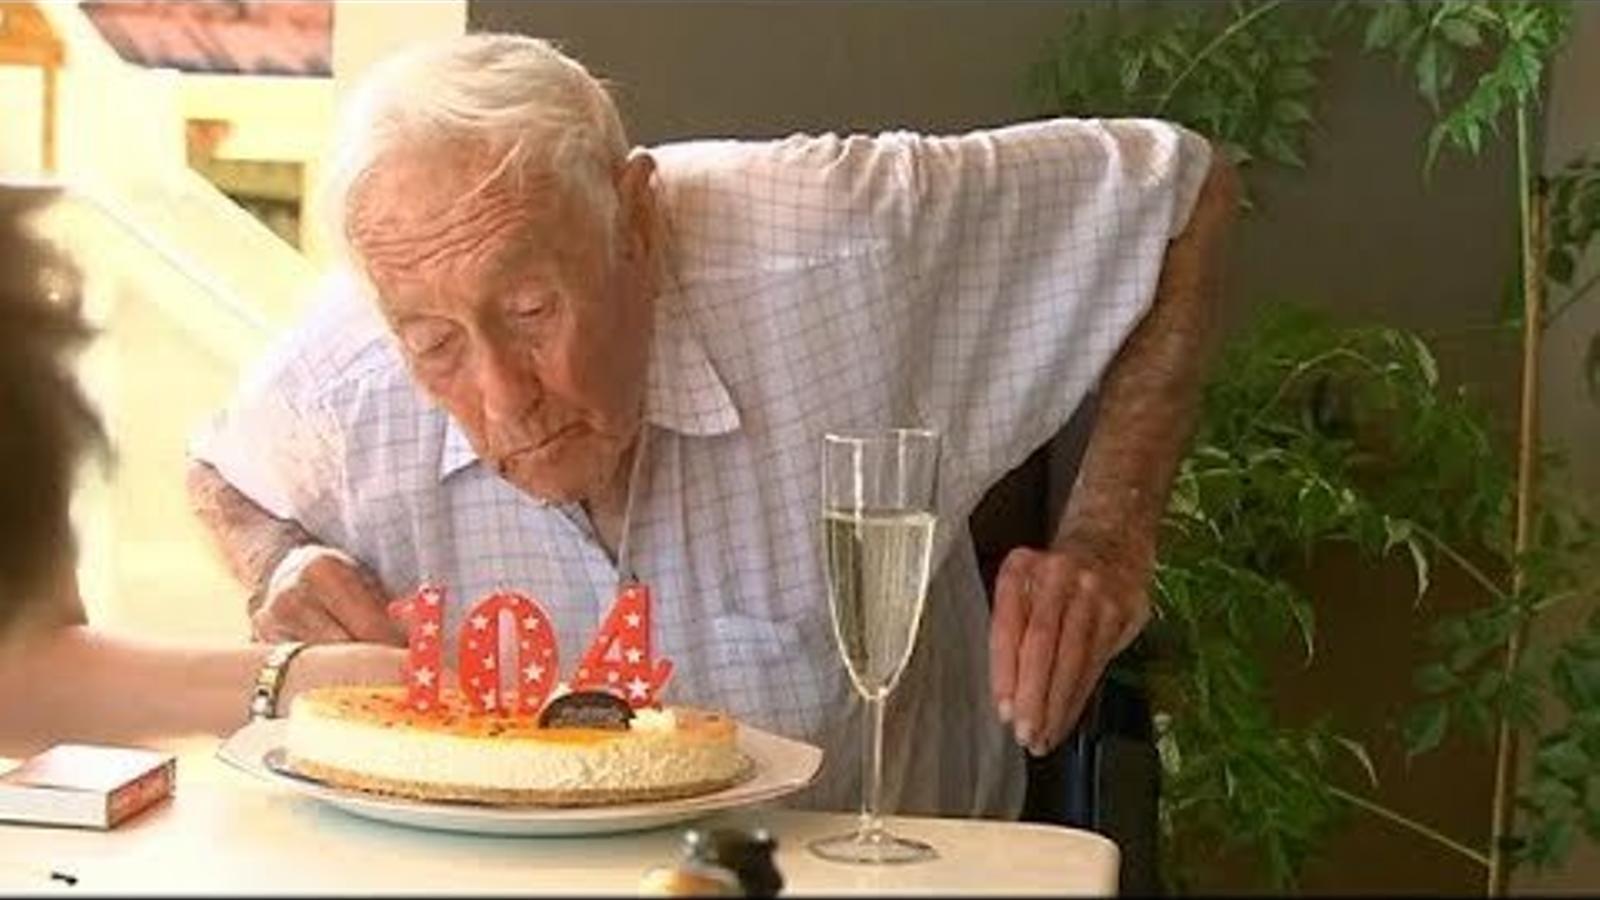 David Goodall, científic de 104 anys demana morir dignament